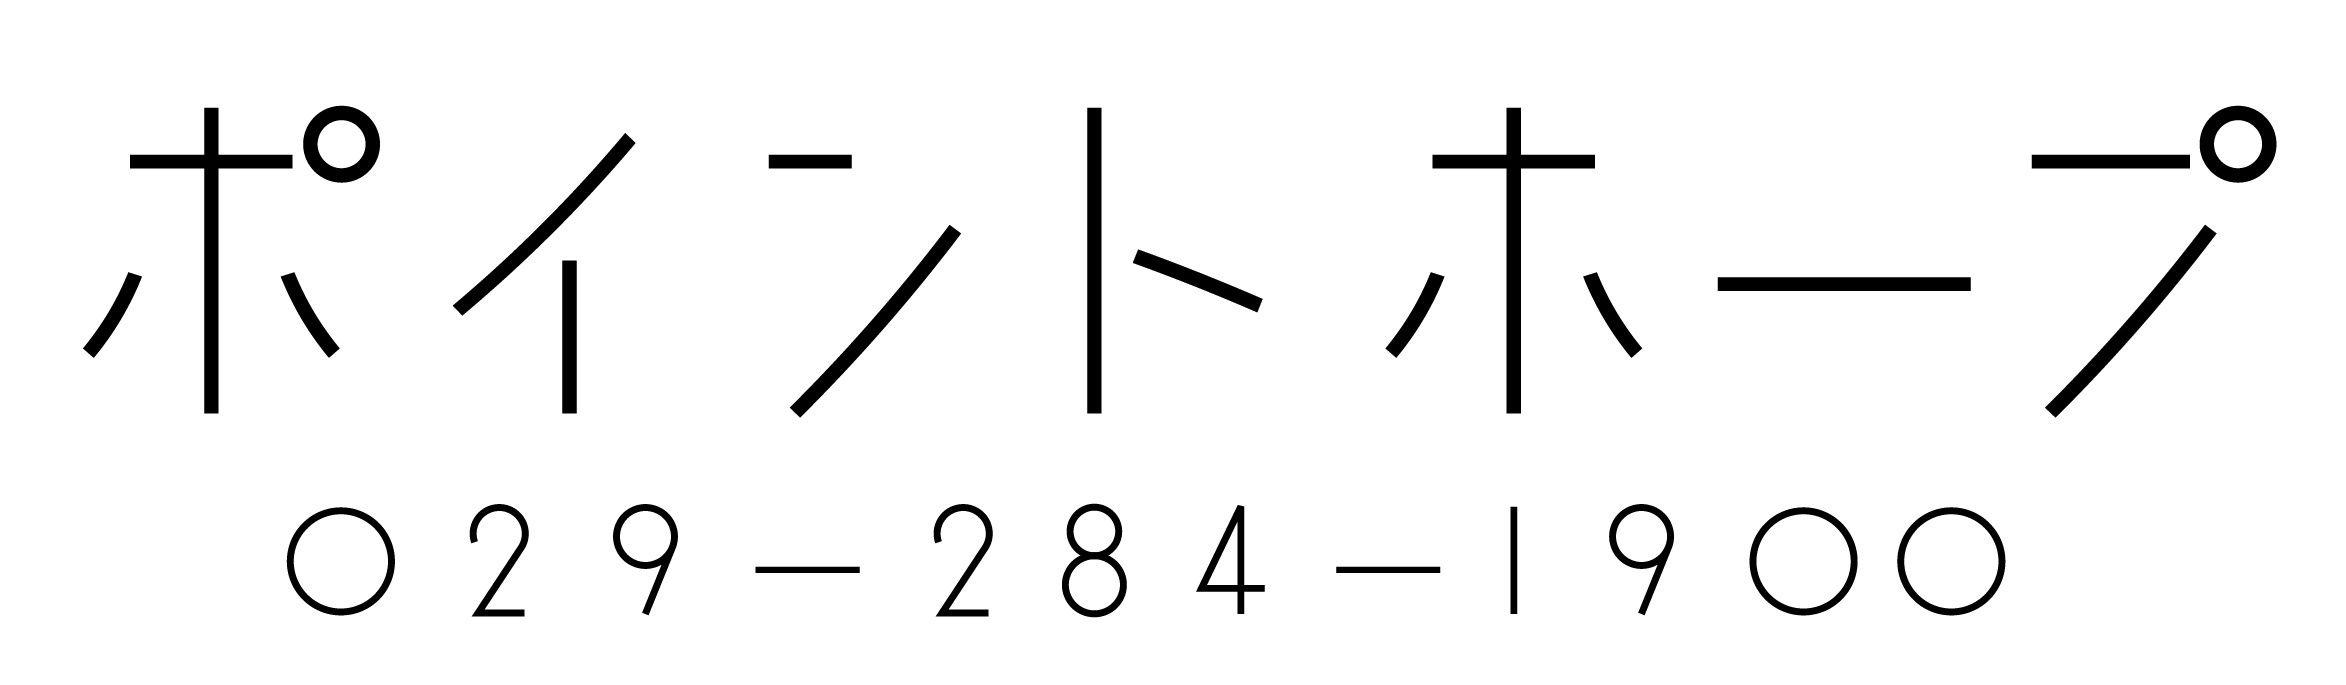 「ポイントホープ」鑑賞キット販売サイト